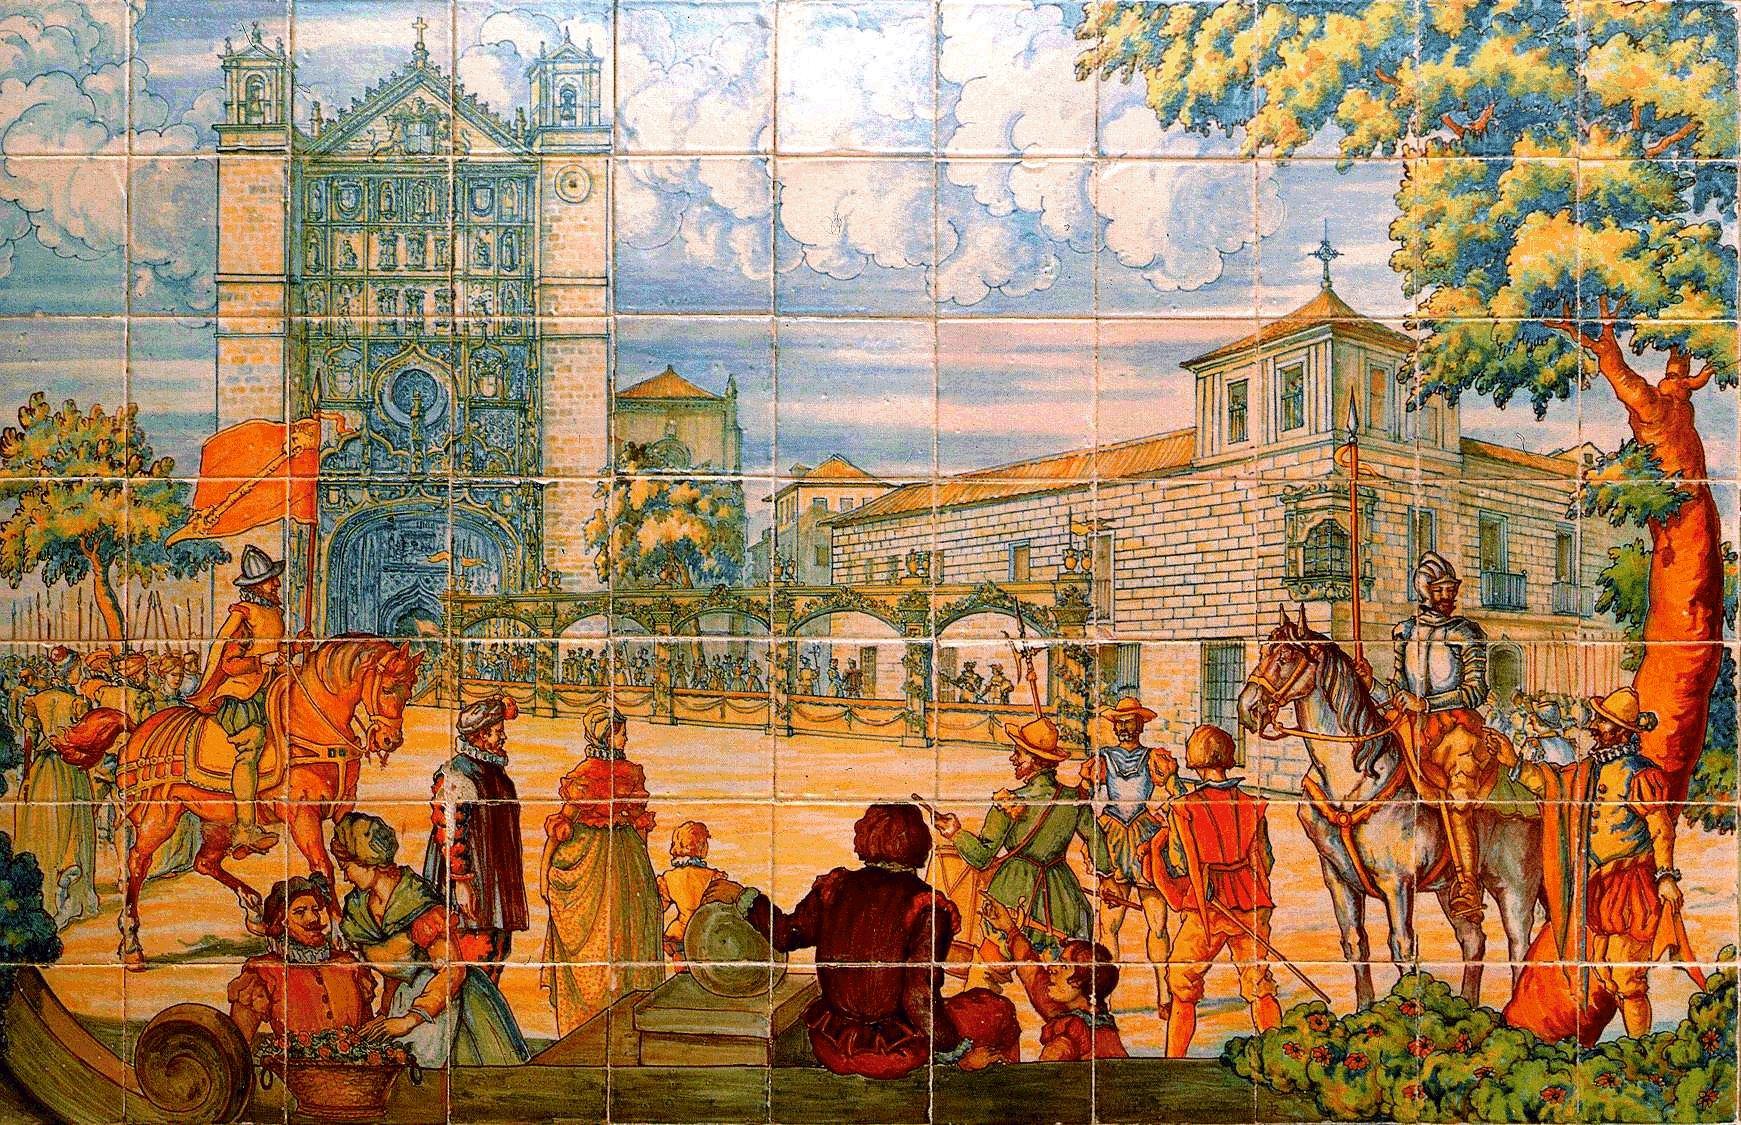 Depiction of Historia de Valladolid